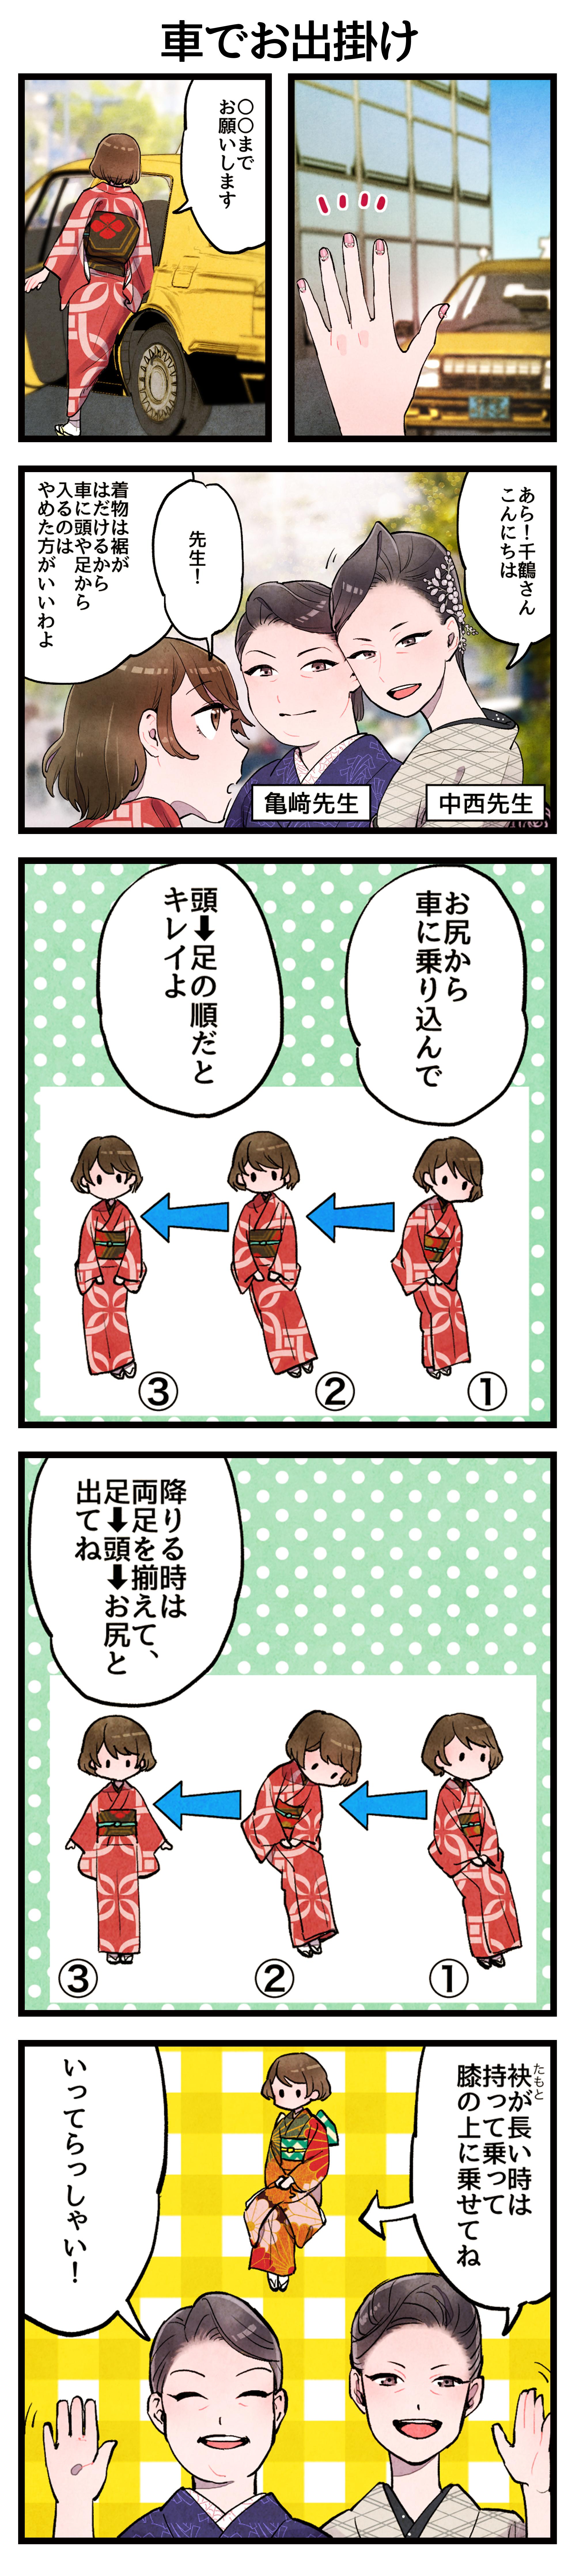 着物を着て車でお出かけ 大阪・兵庫・京都・滋賀・奈良など近畿一円に 日本の伝統と文化を広める「きもの着付け教室」